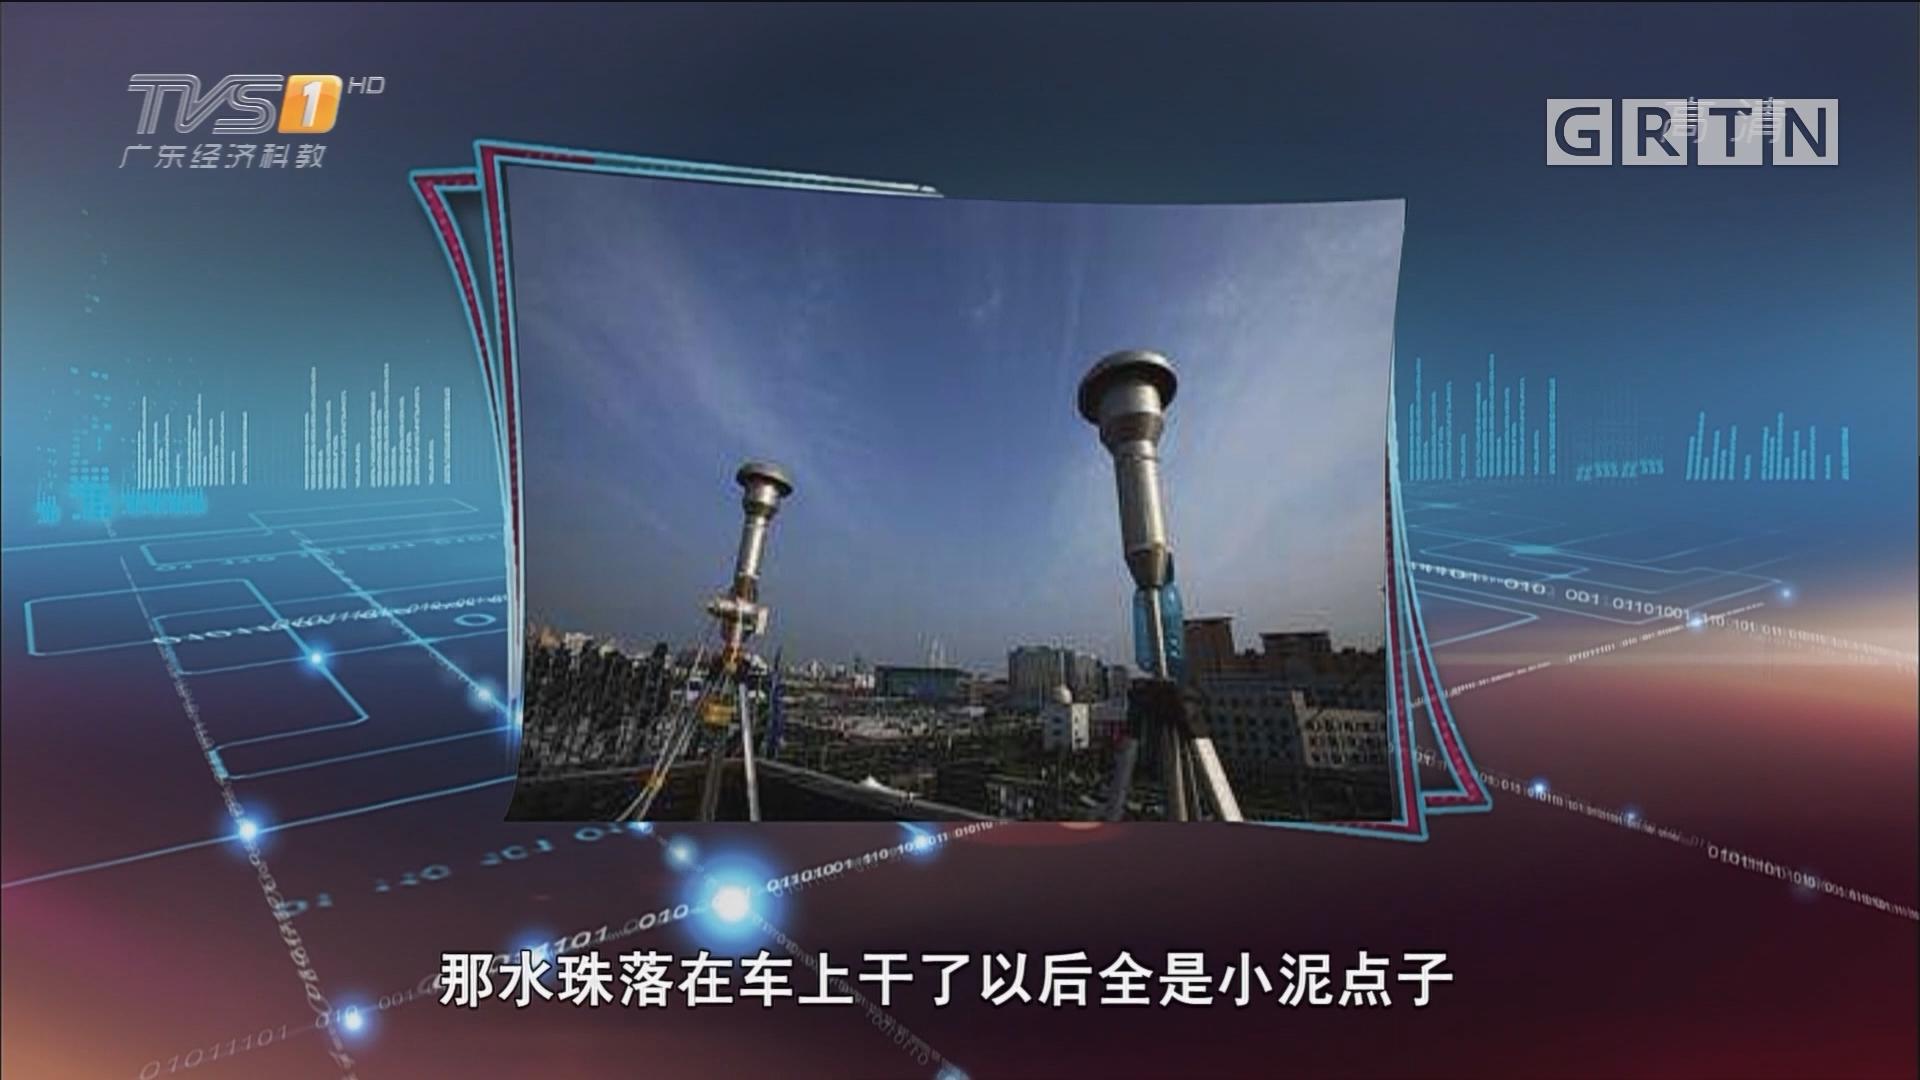 """[HD][2018-04-26]马后炮:如此殡葬改革 背后是粗鲁执政和""""简平快""""政绩观"""